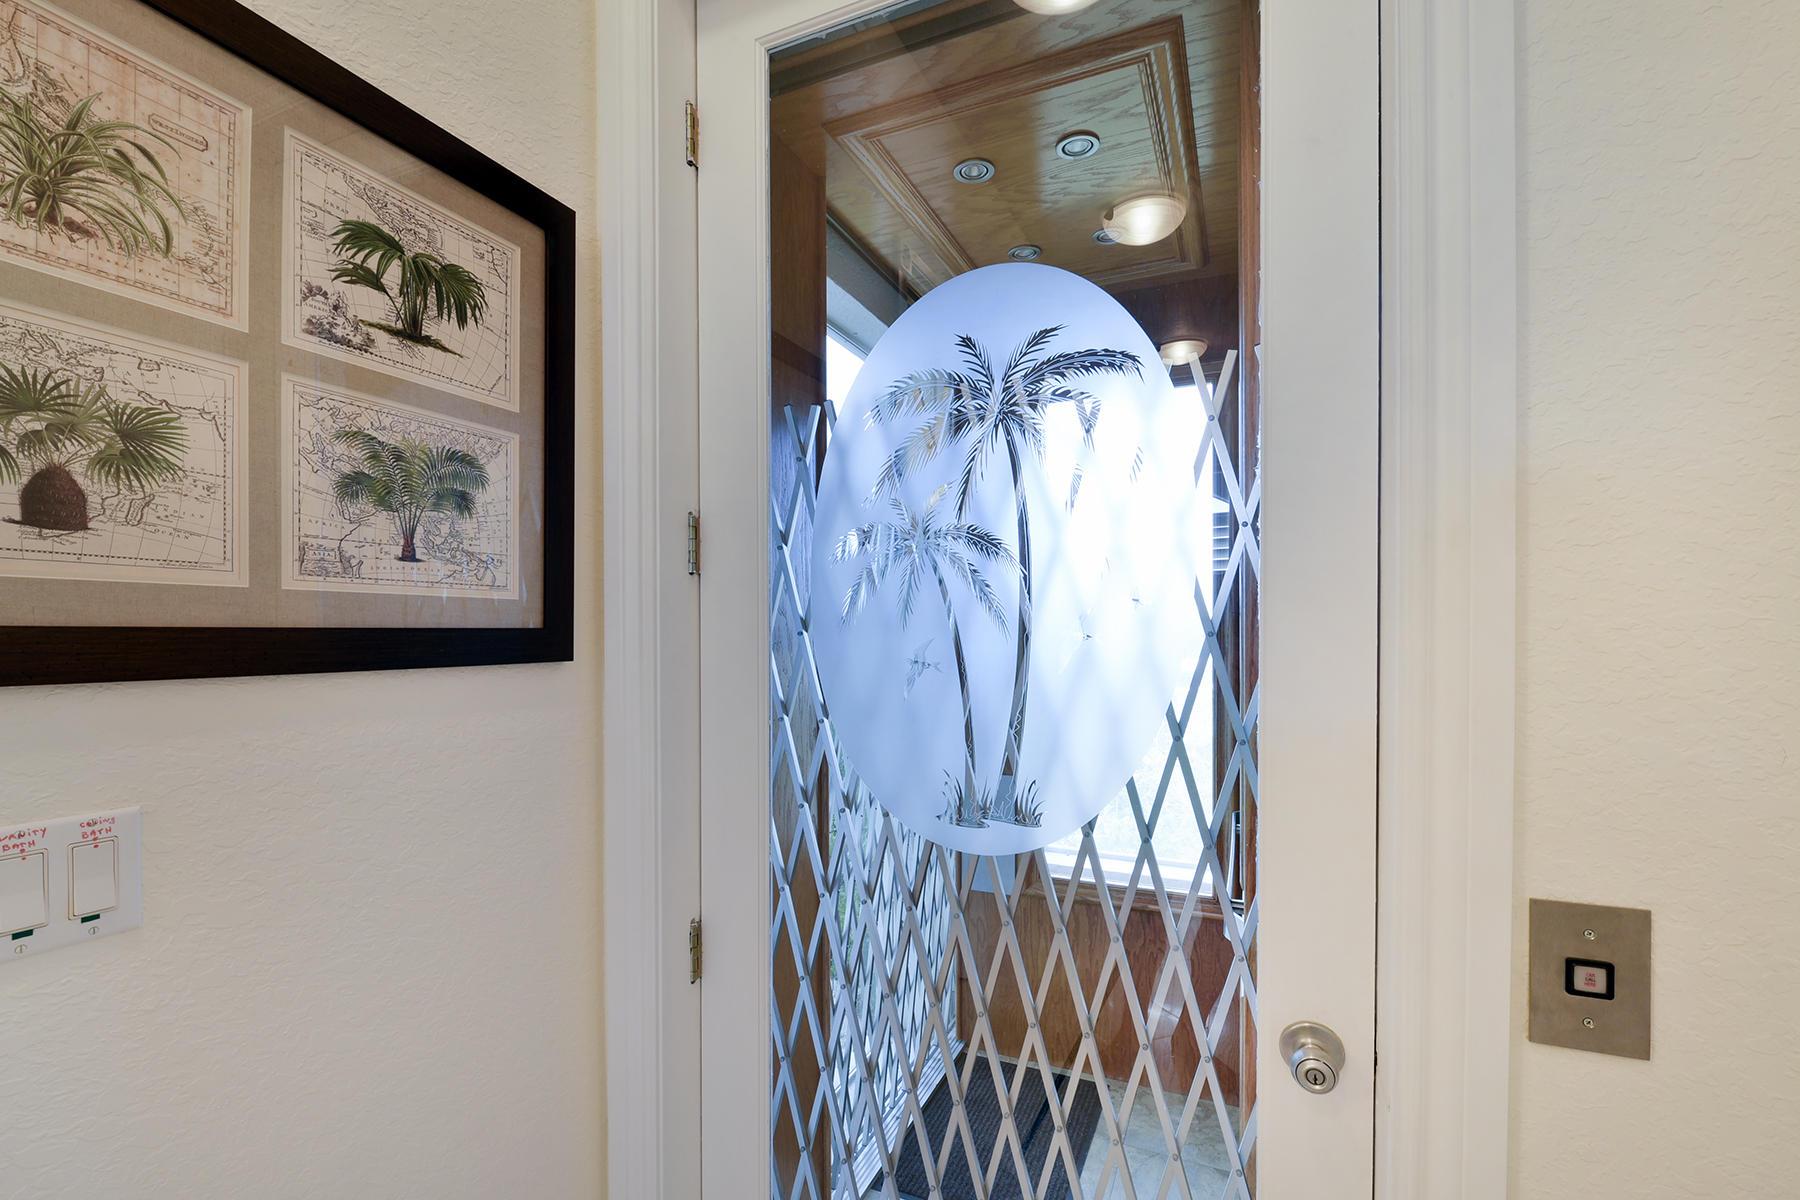 Additional photo for property listing at 97251 Overseas Highway, Key Largo, FL  Key Largo, Florida 33037 United States